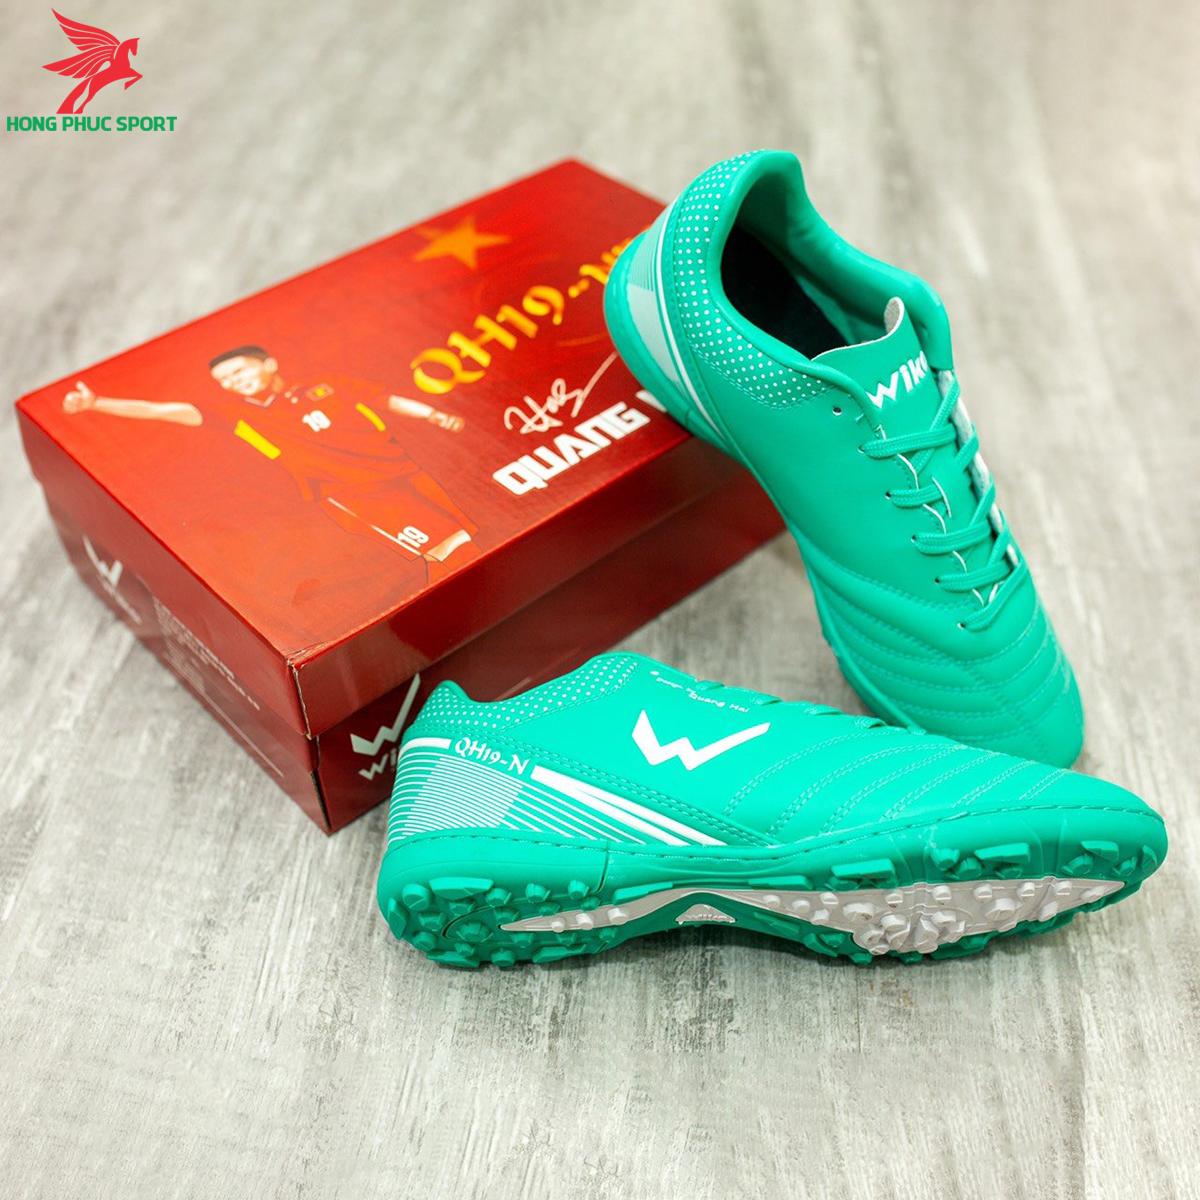 Giày đá banh Wika QH19 Neo sân cỏ nhân tạo màu Xanh lam (3)